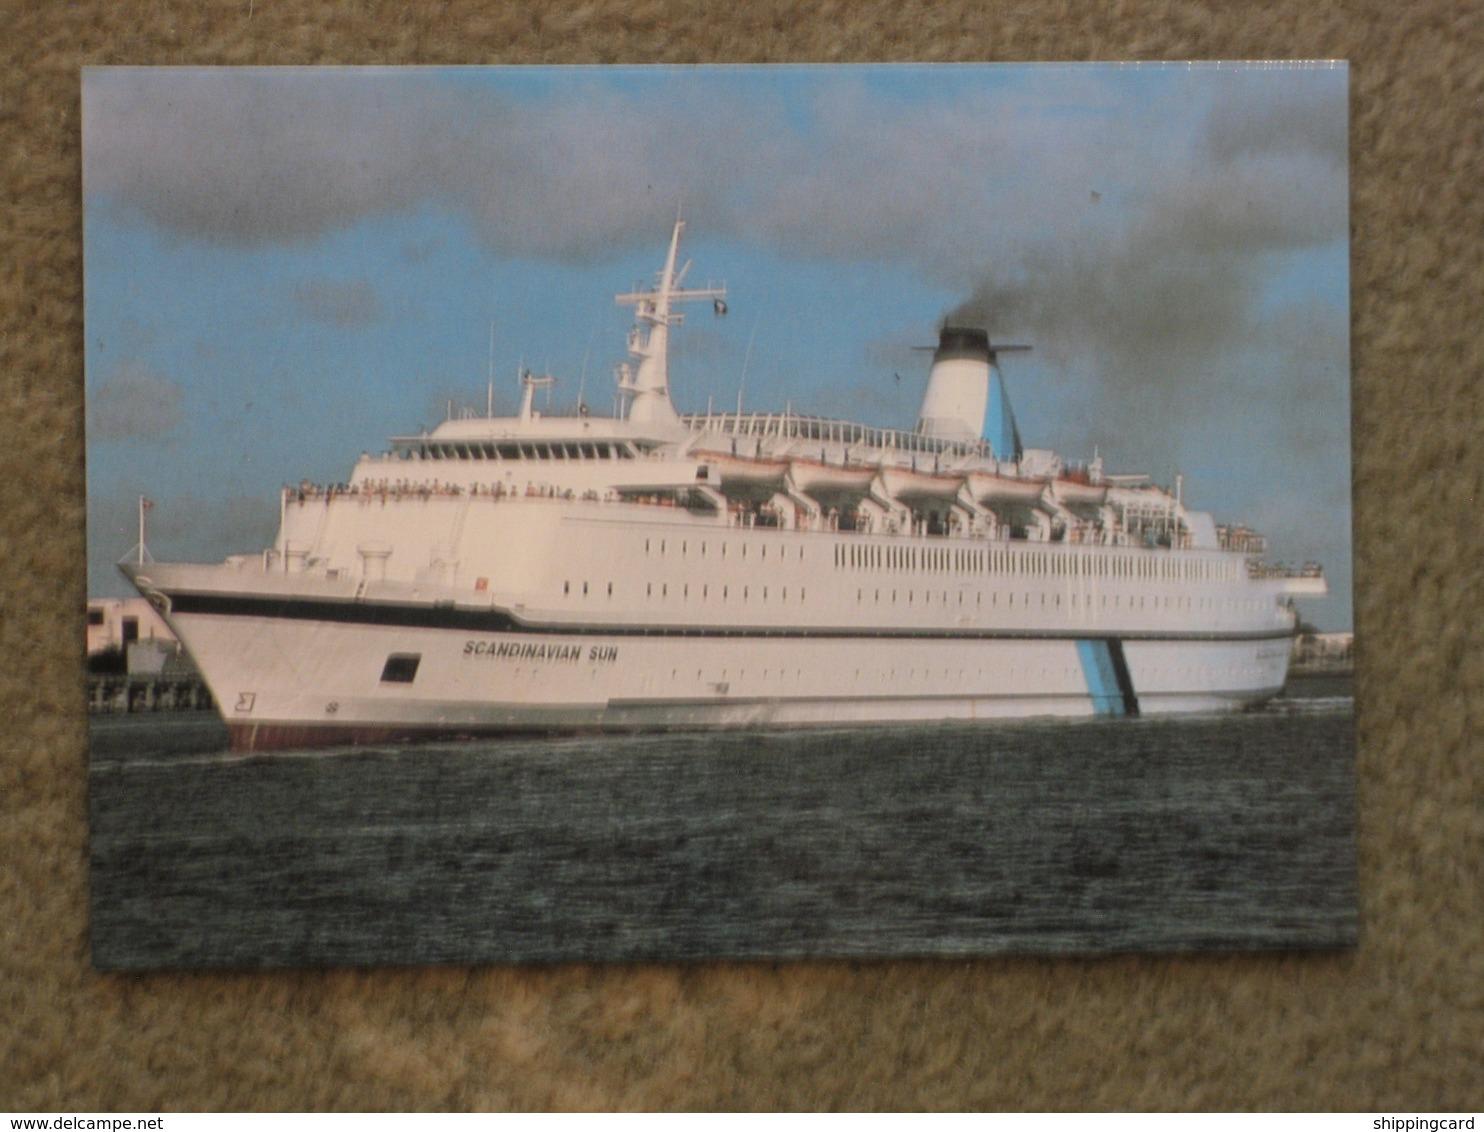 DFDS SCANDINAVIAN SUN - Ferries